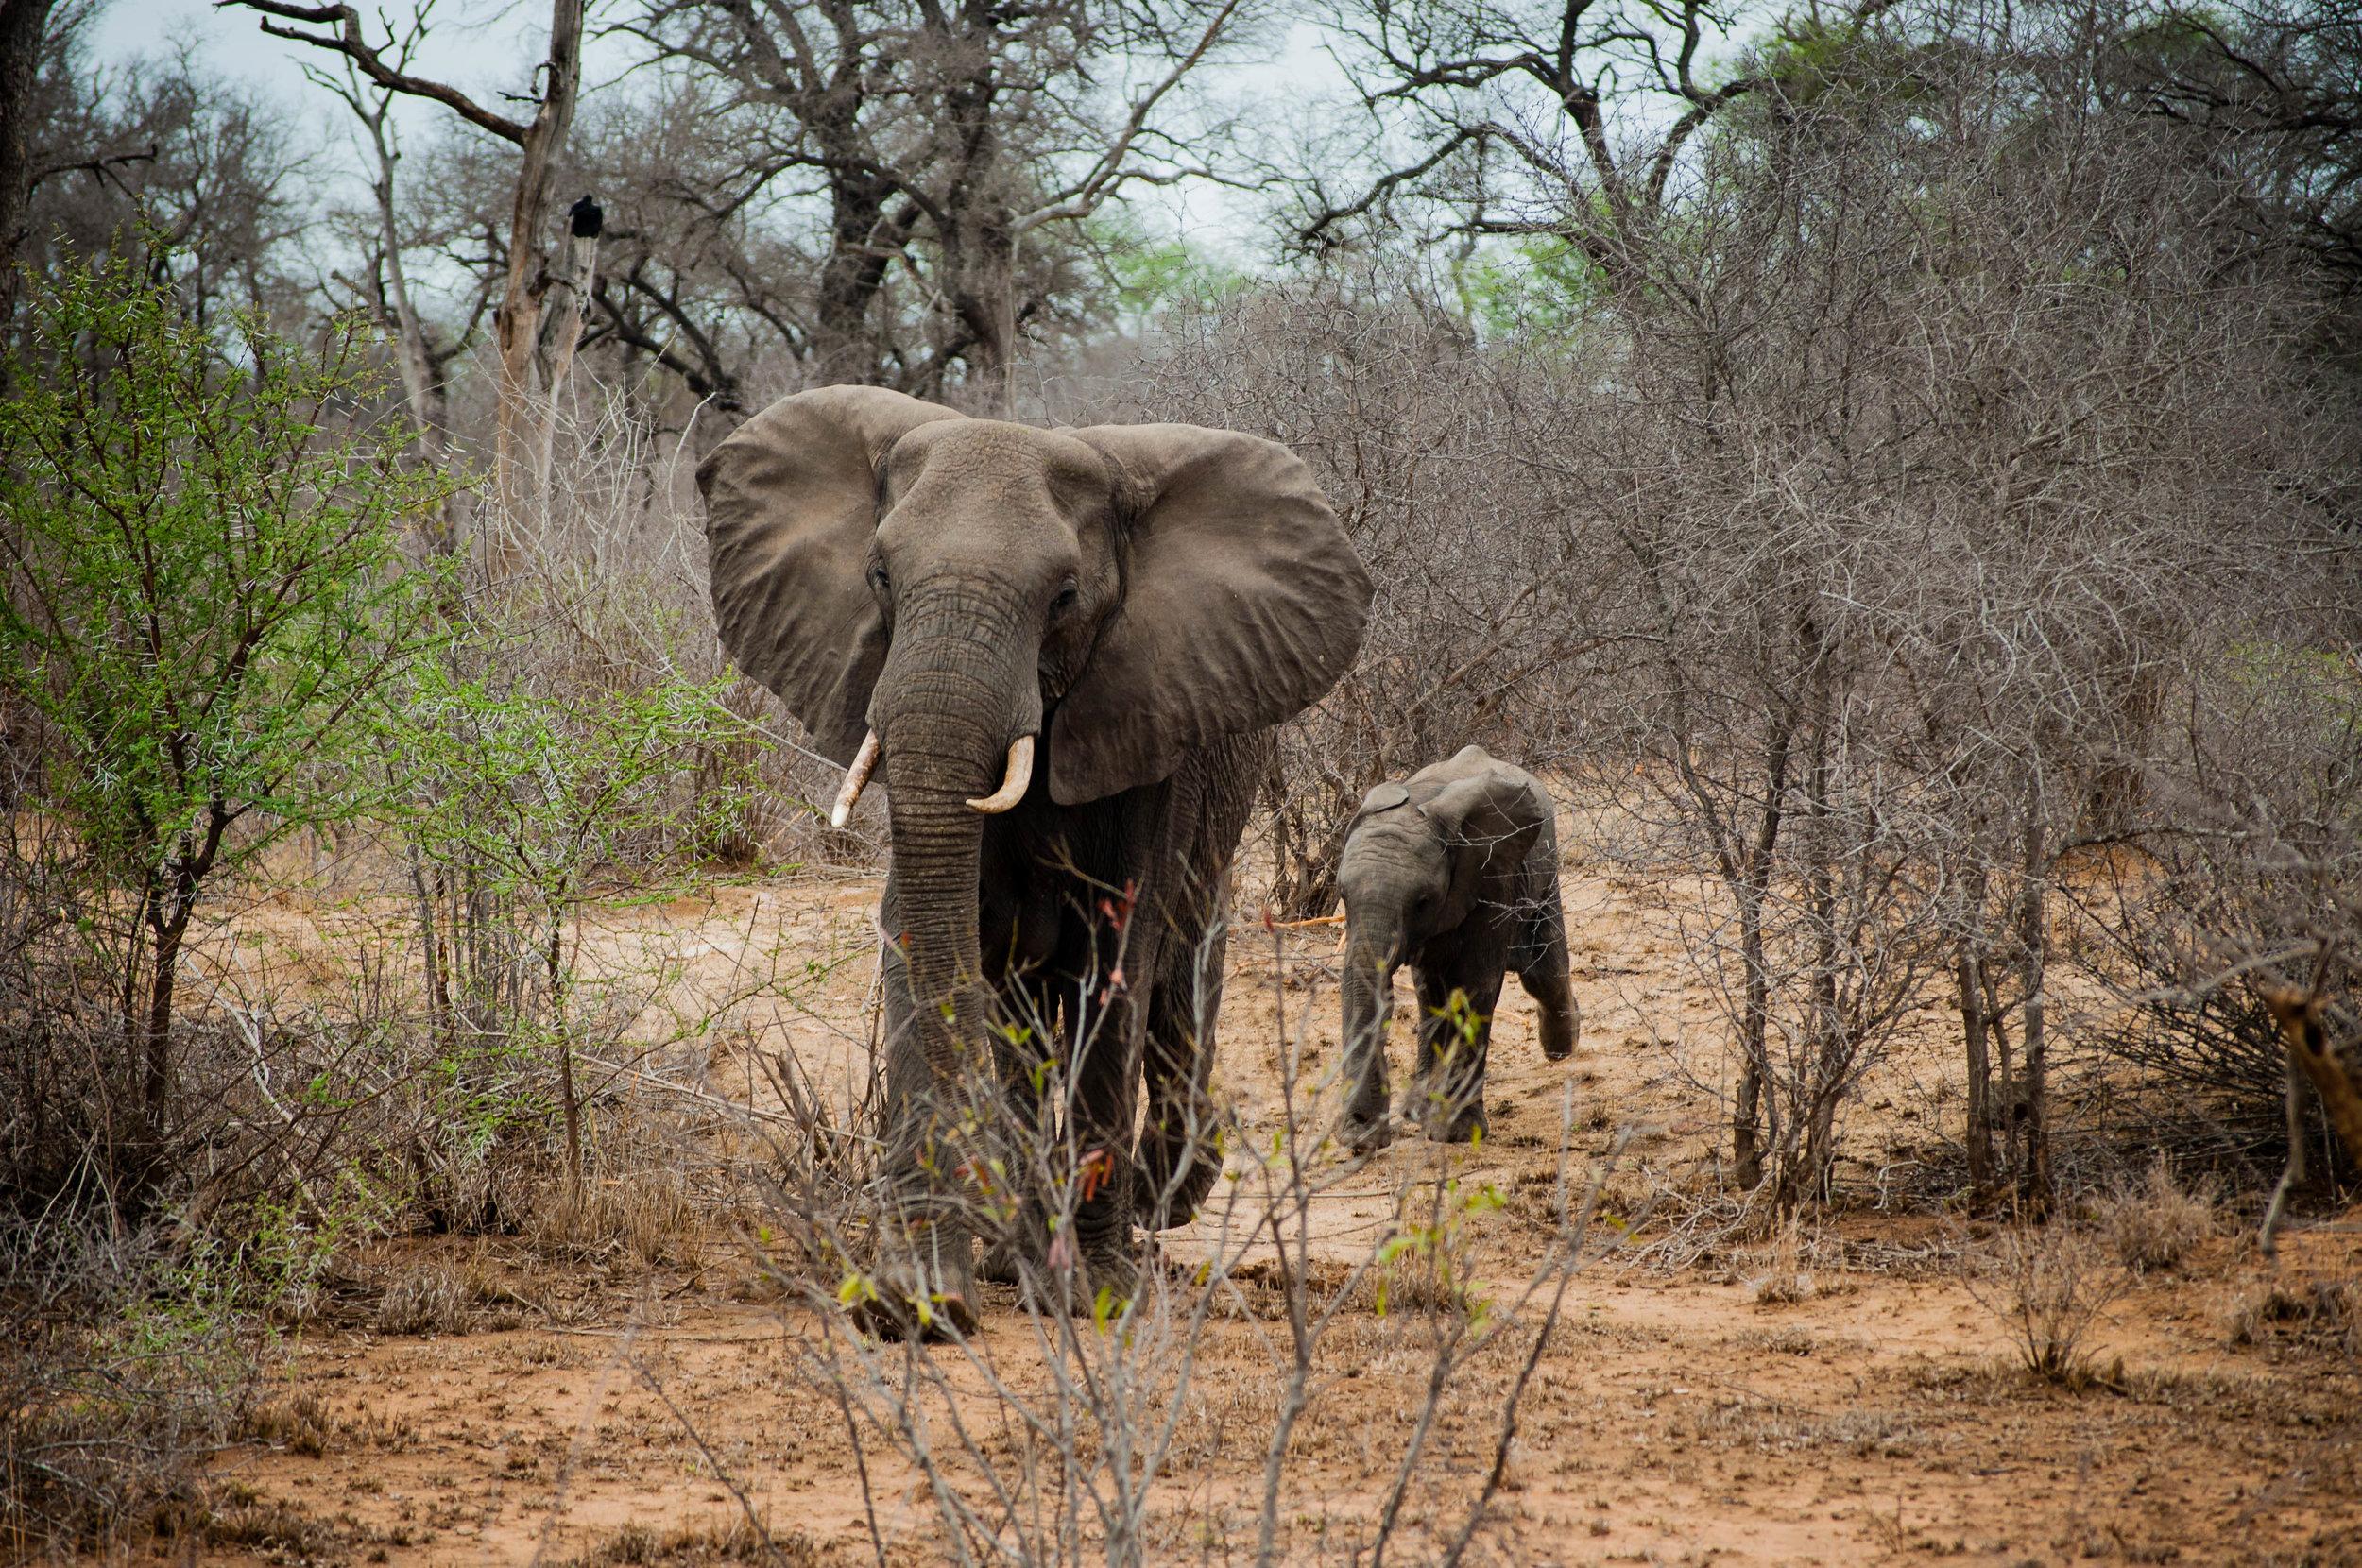 Elephants at Kruger park. safari planner